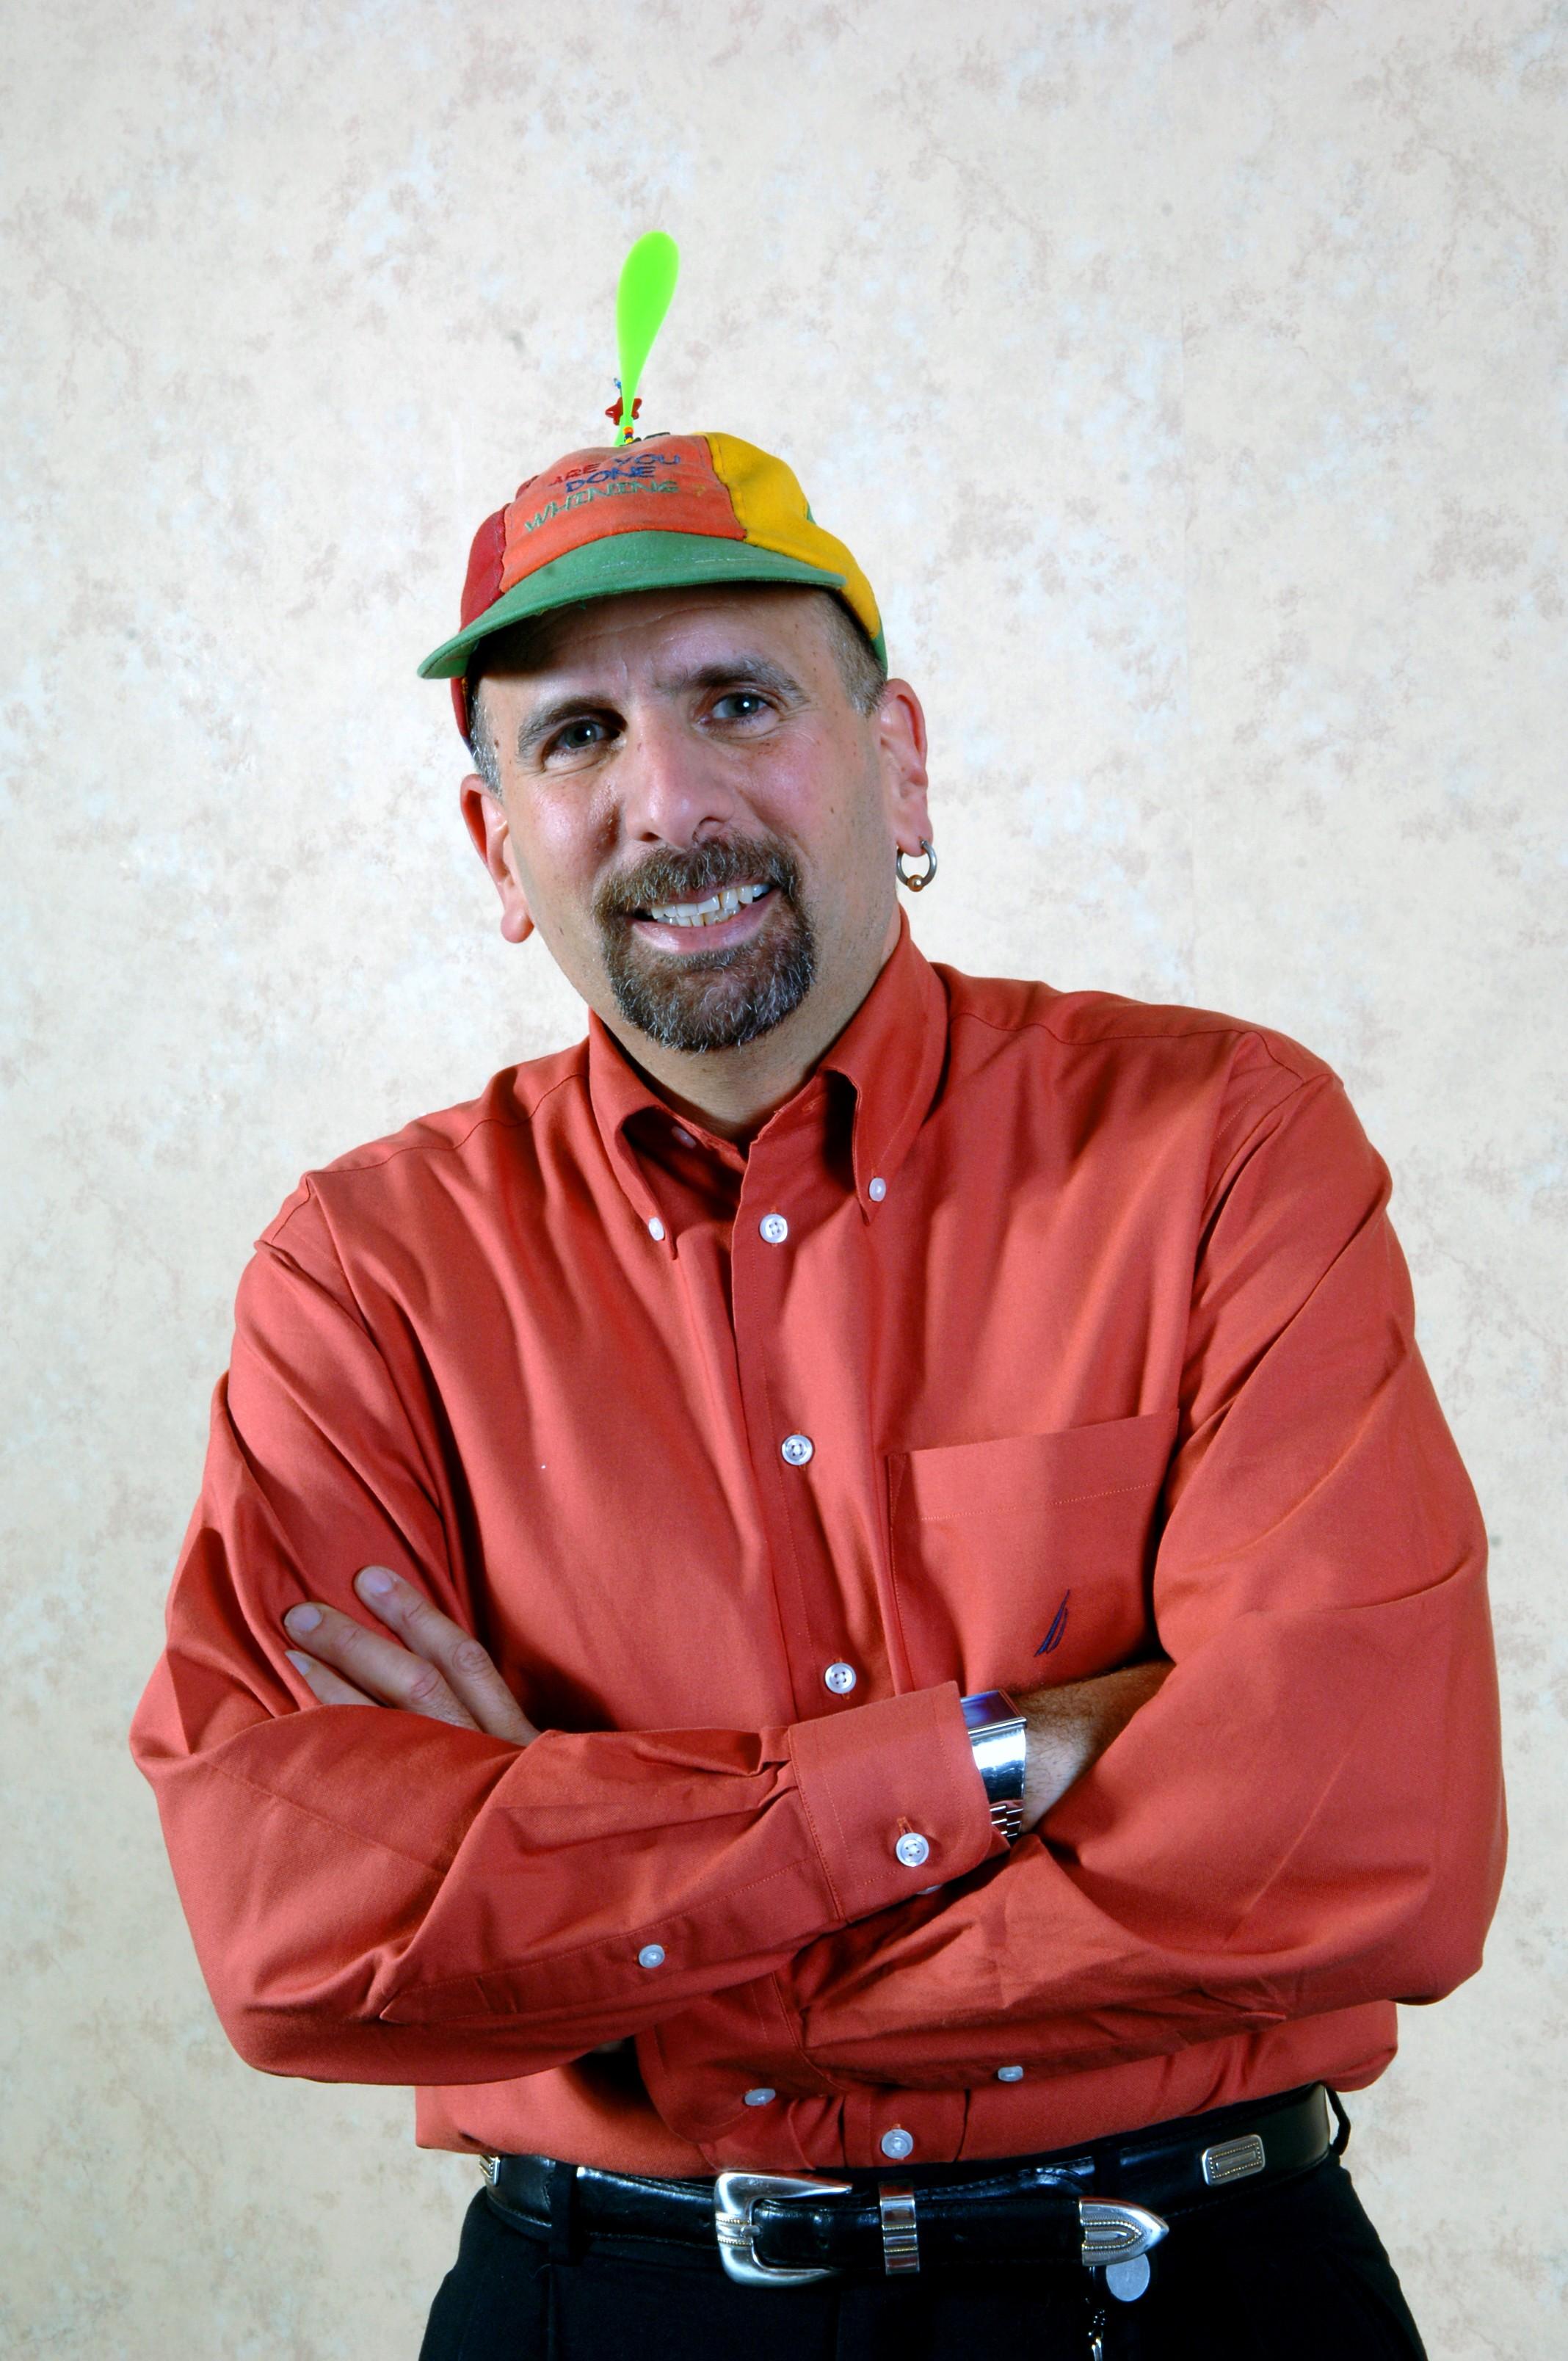 Rich DiGirolamo